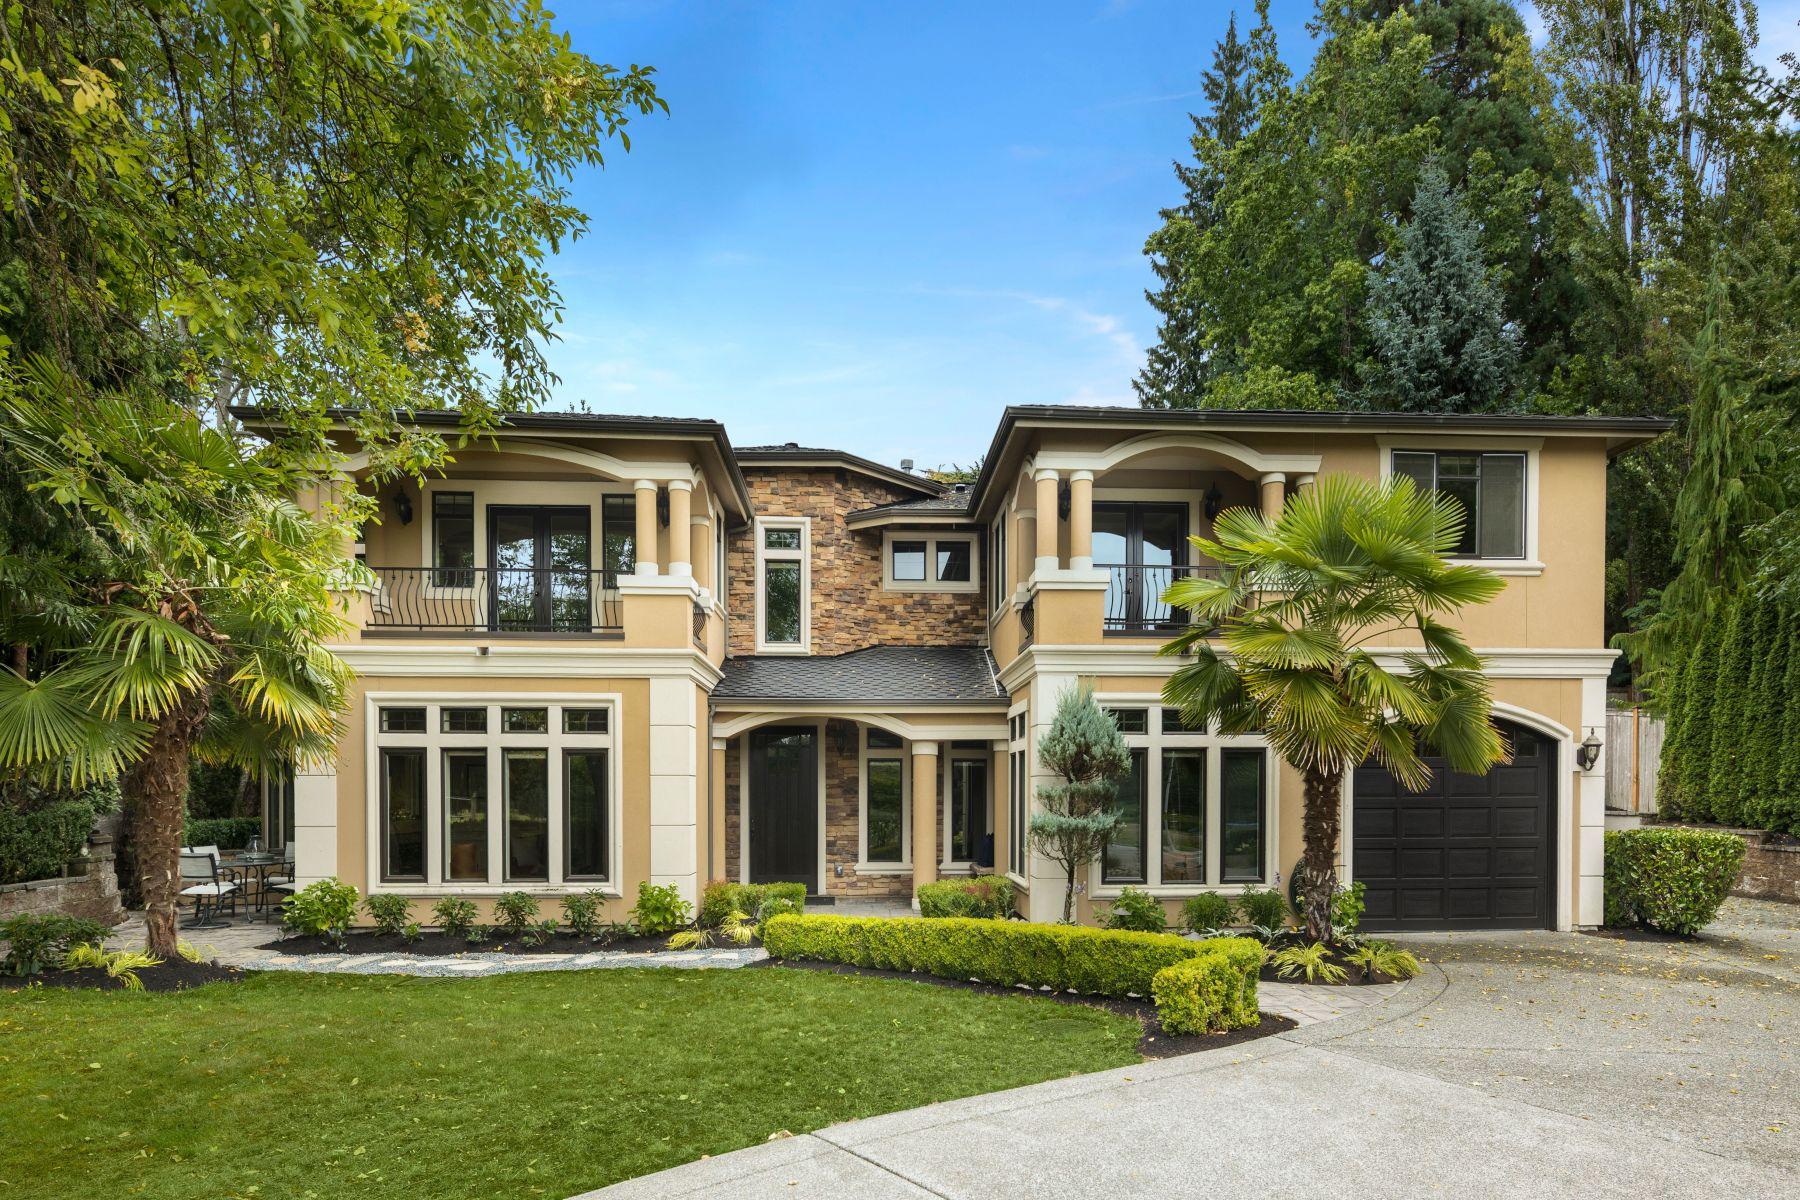 Medina | $3.2 million